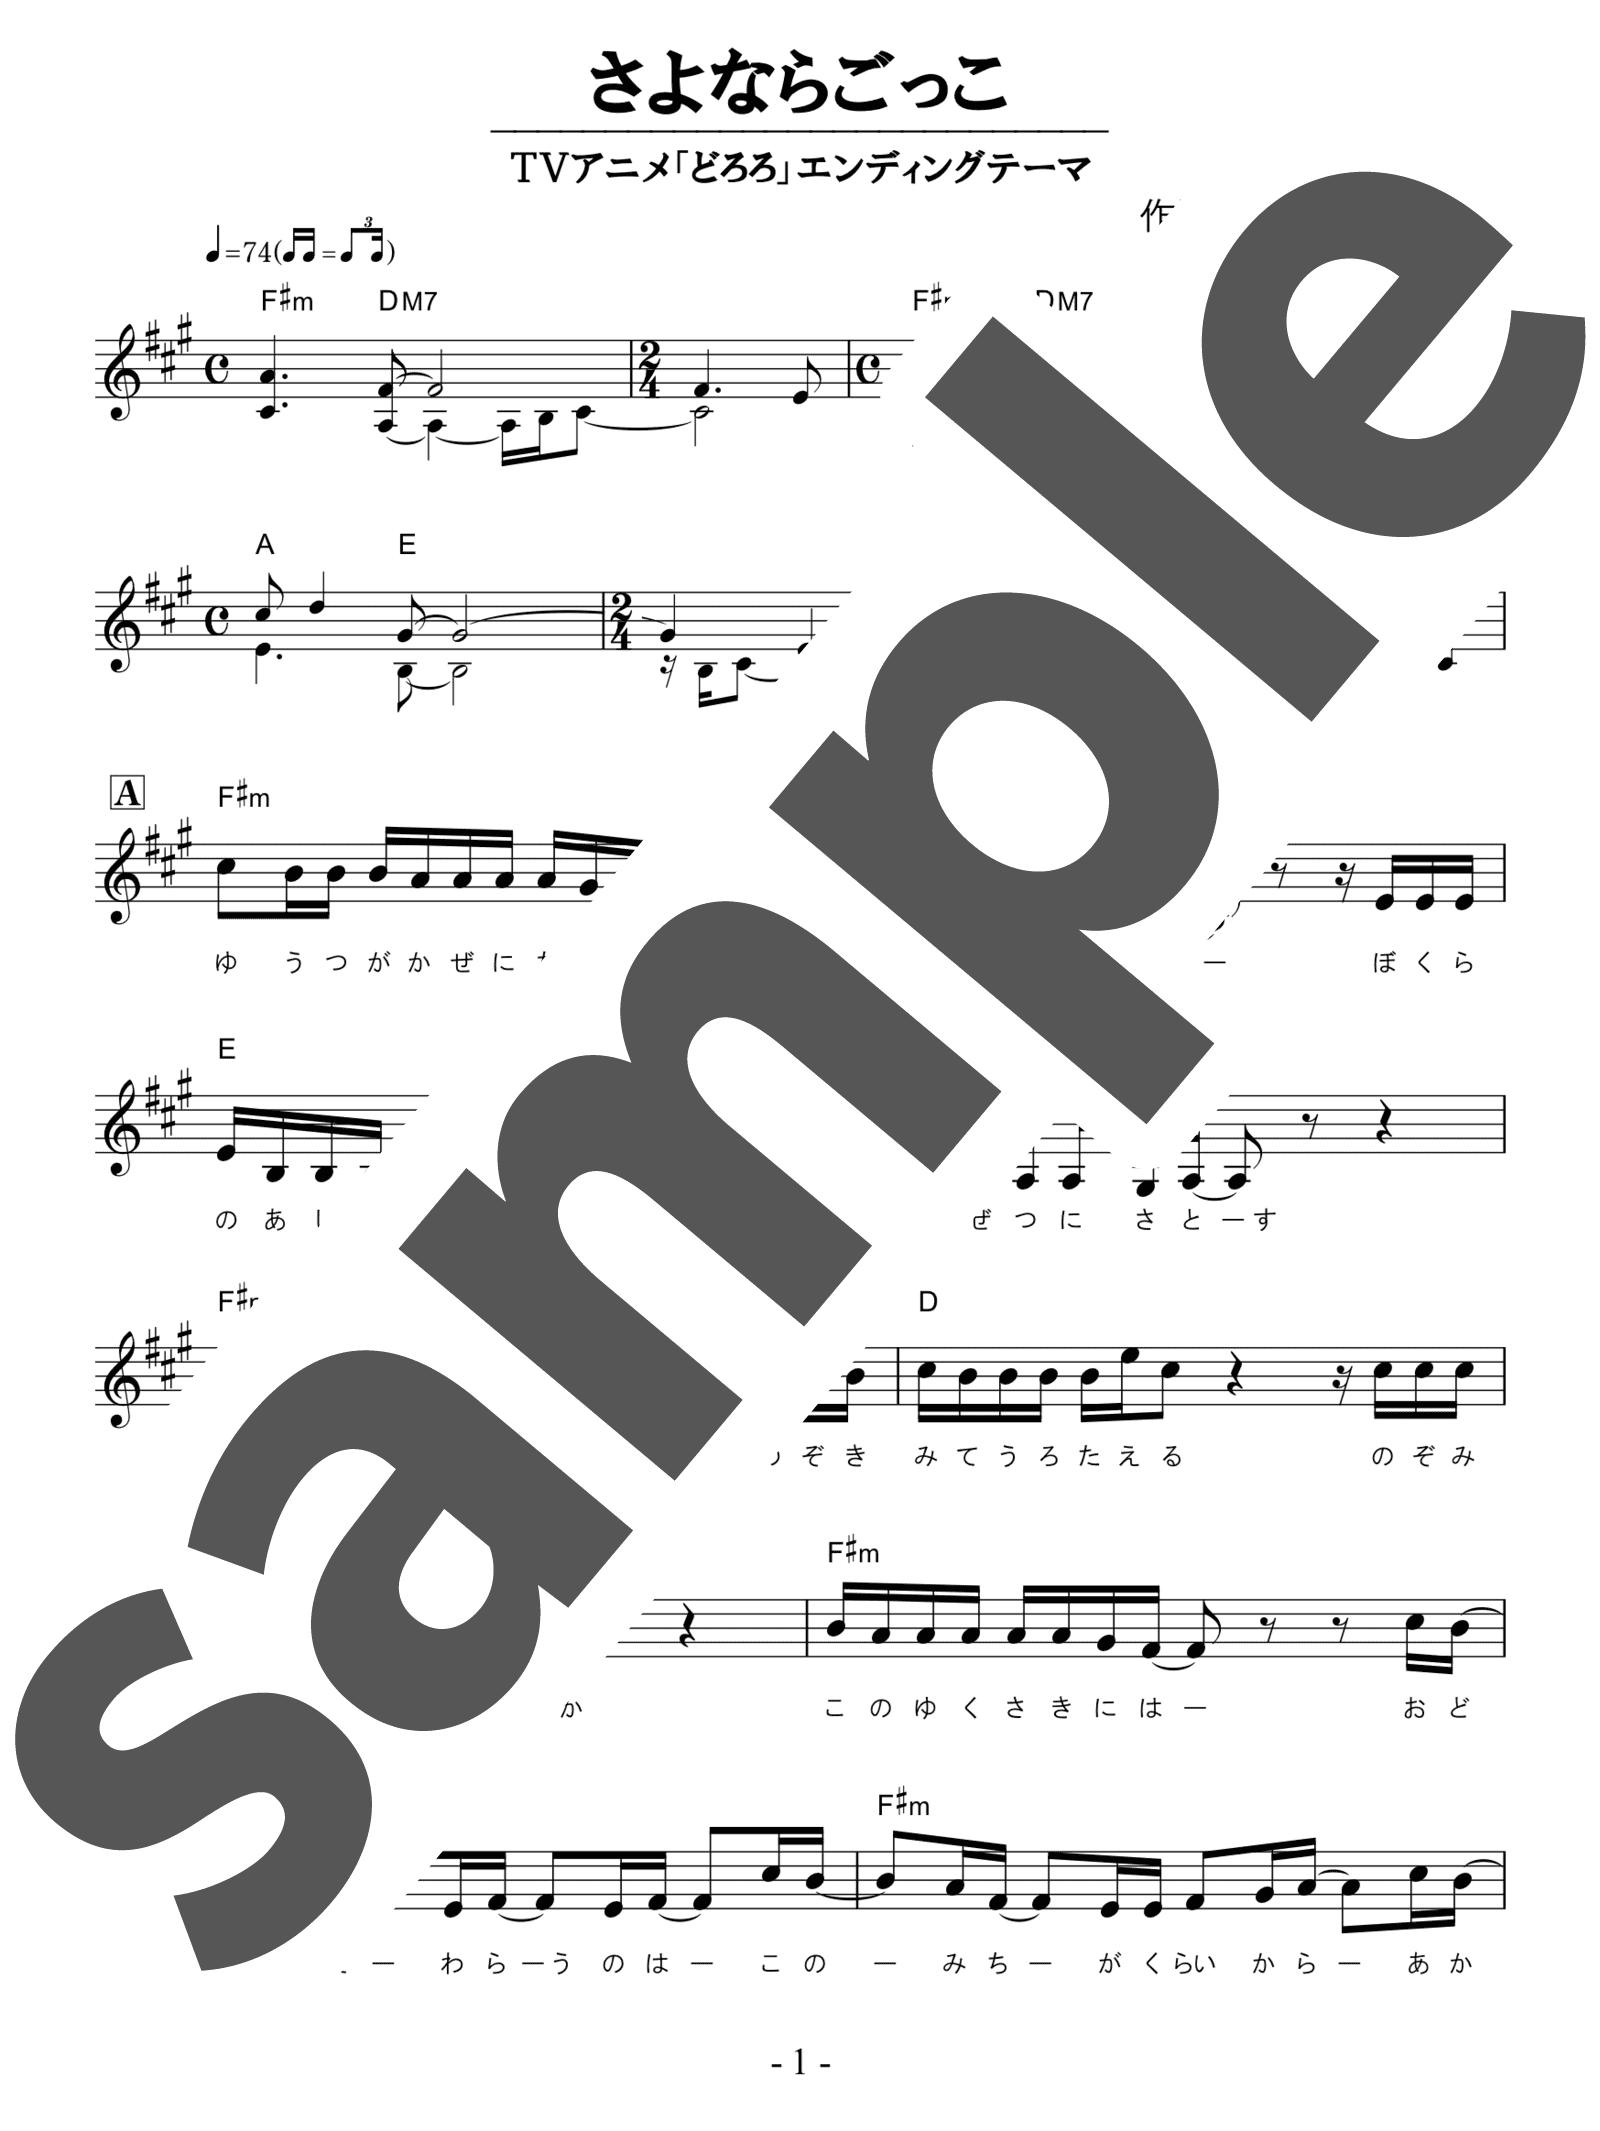 「さよならごっこ」のサンプル楽譜